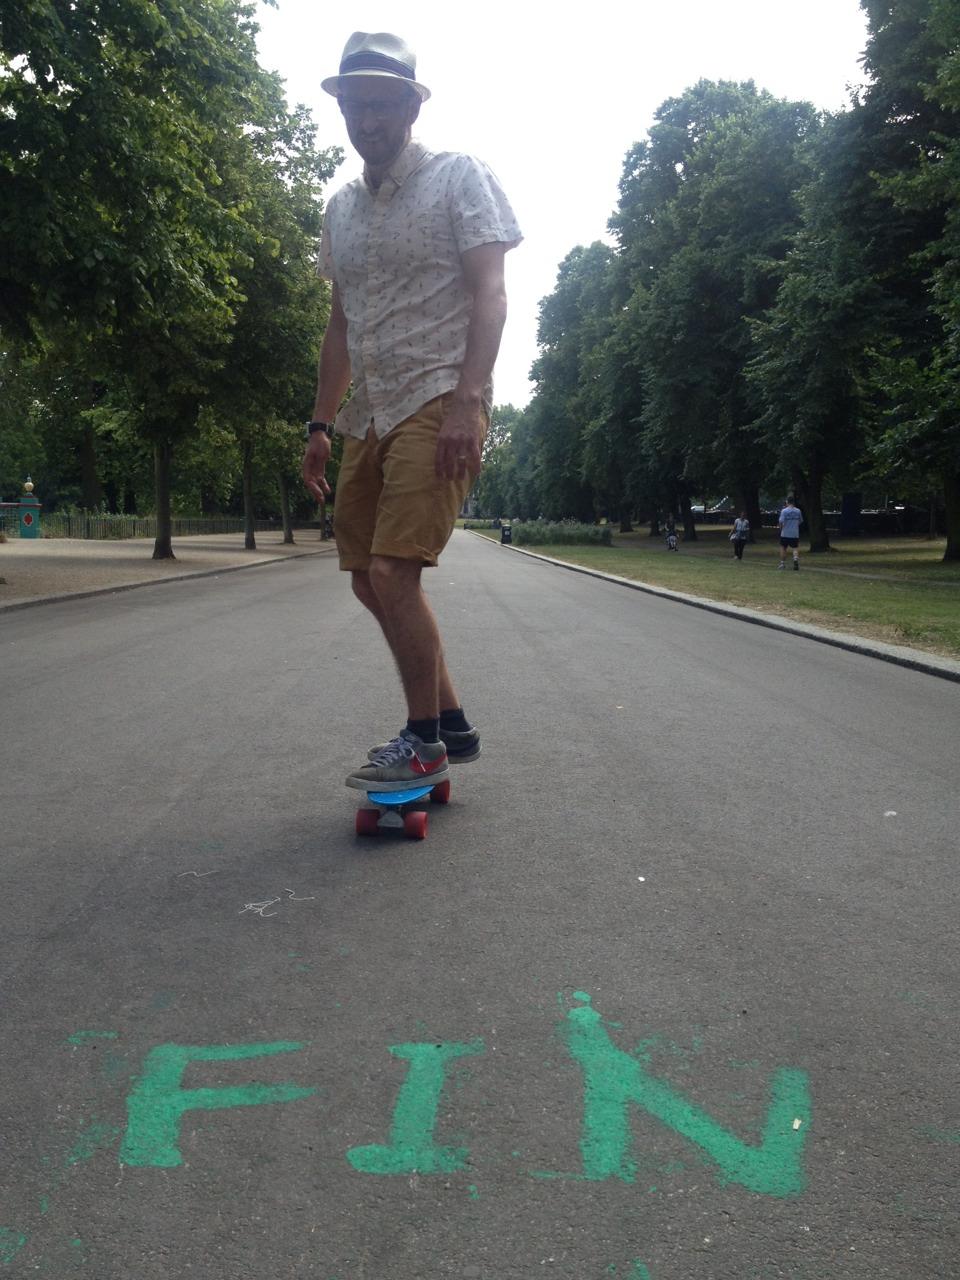 Victoria park - London